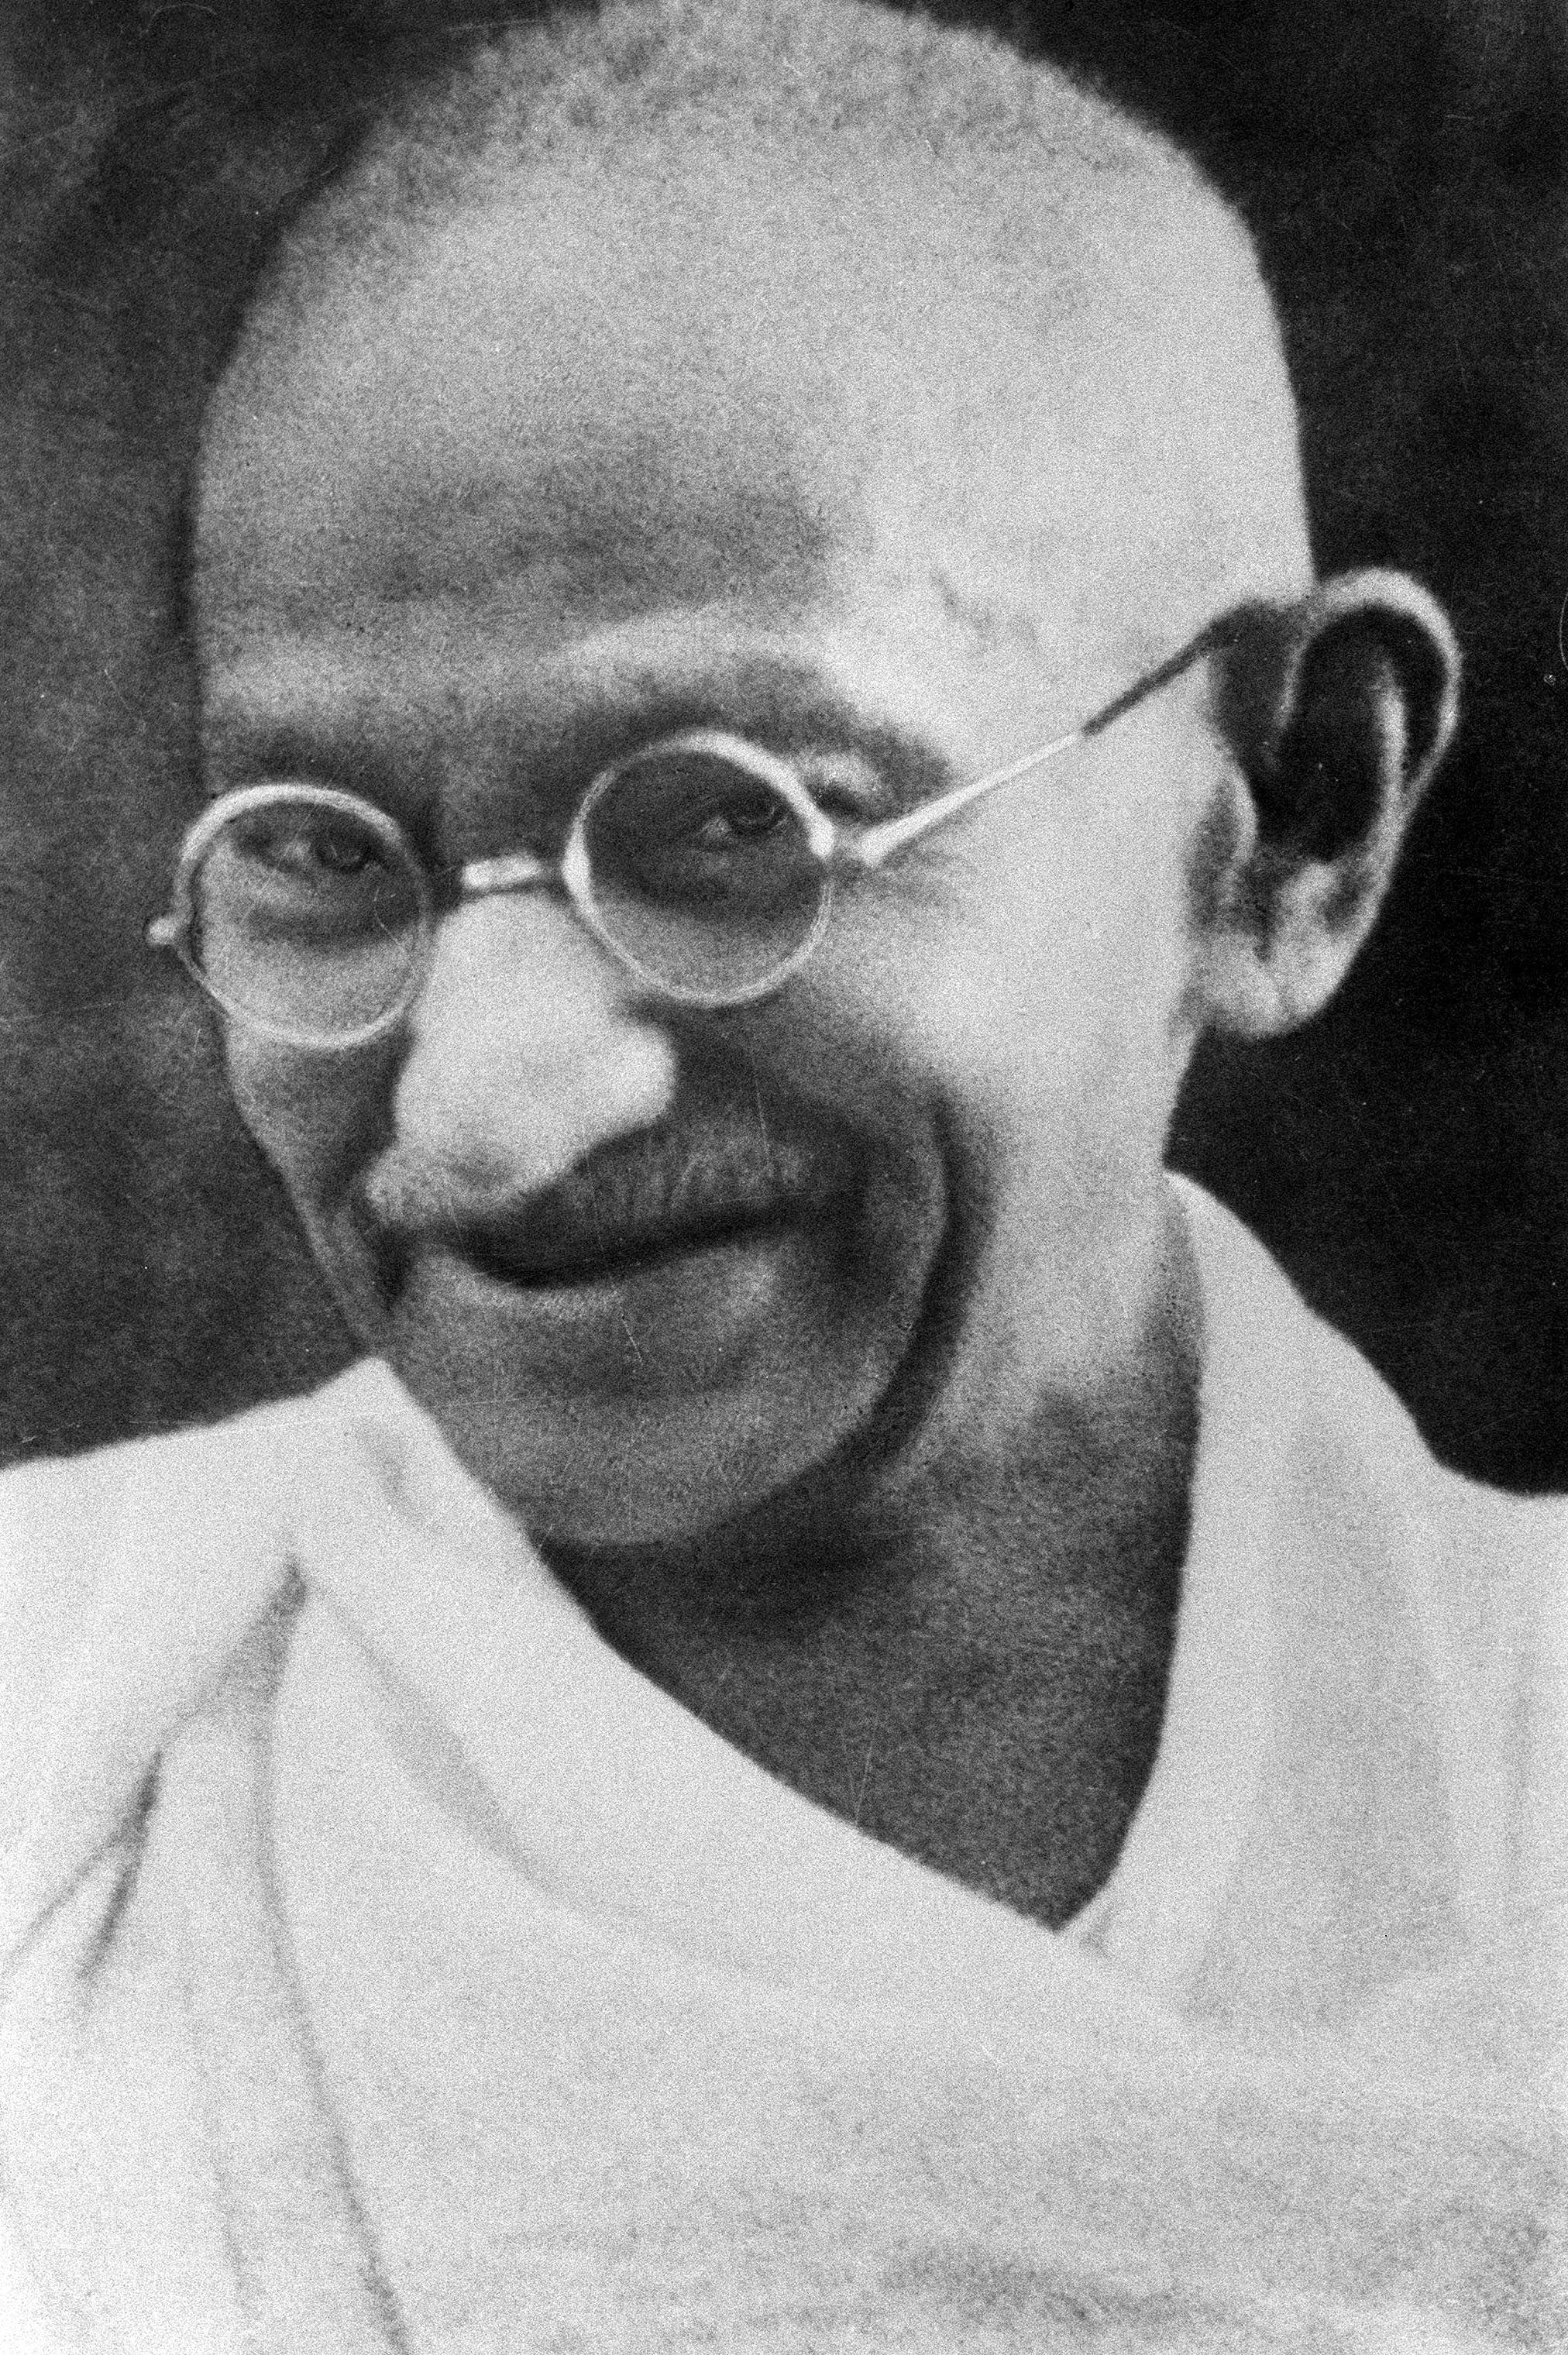 i personaggi più amati della storia, mahatma gandhi